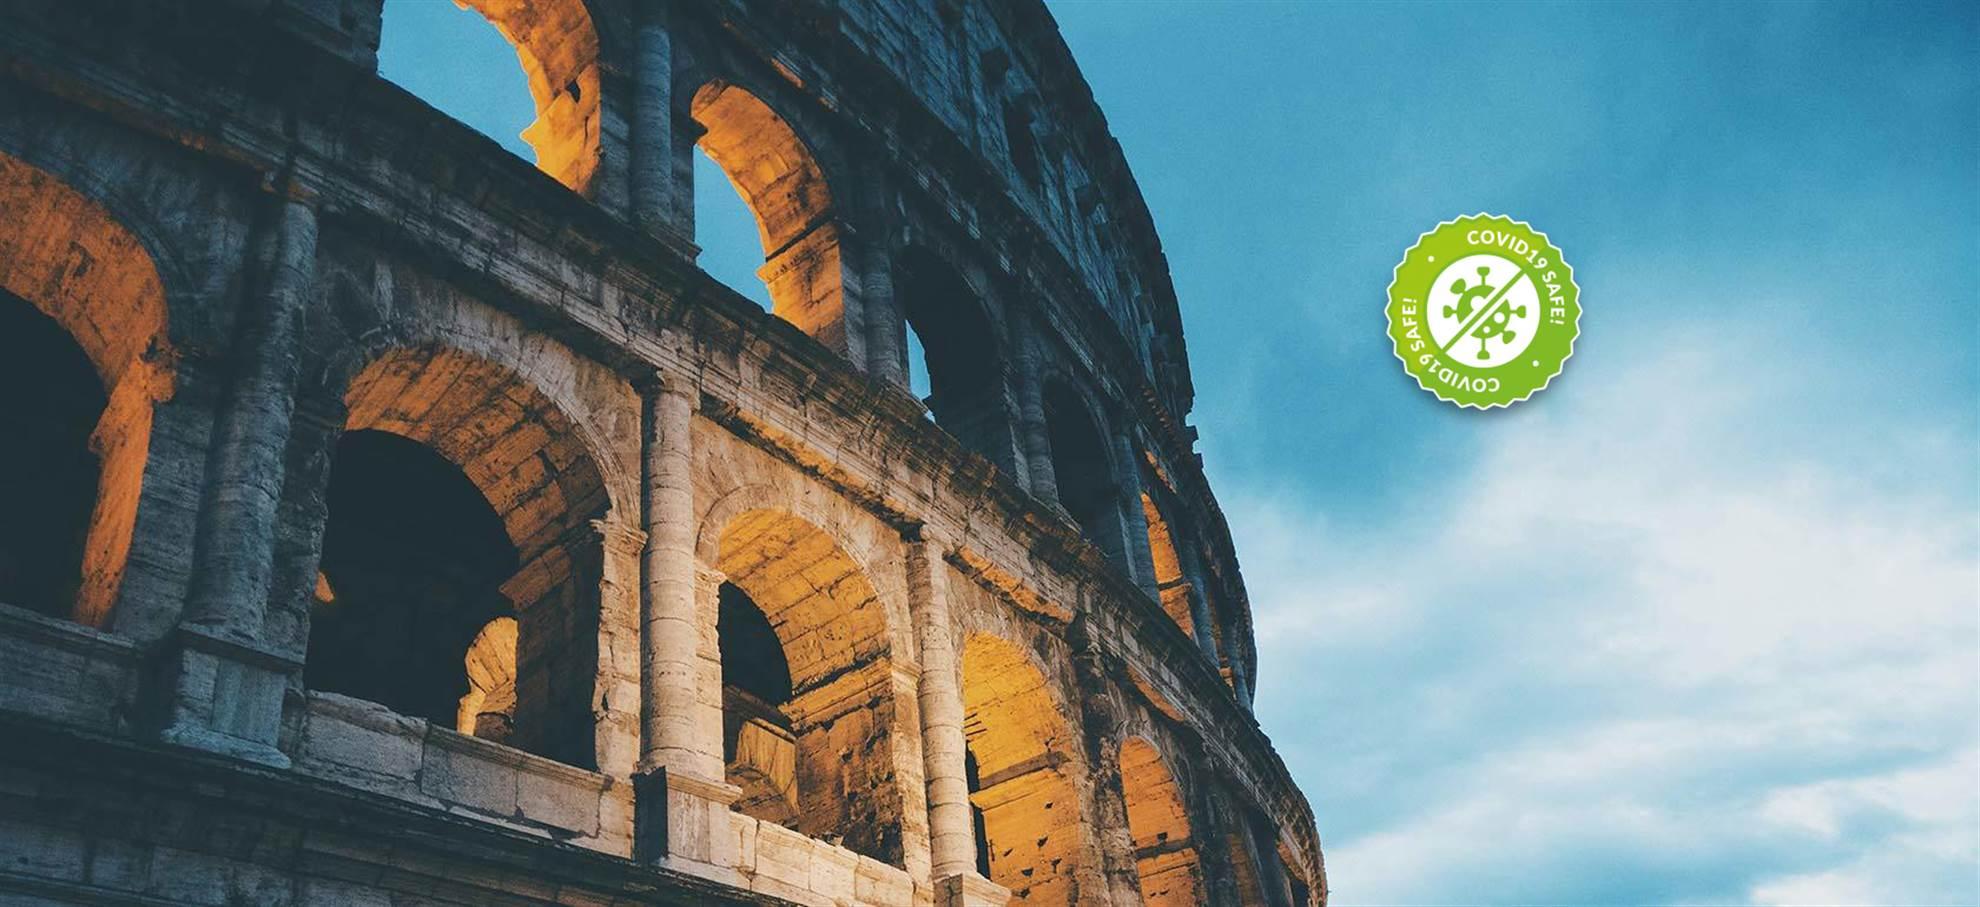 Tour con Ingresso Preferenziale al Colosseo Inclusa Videoguida